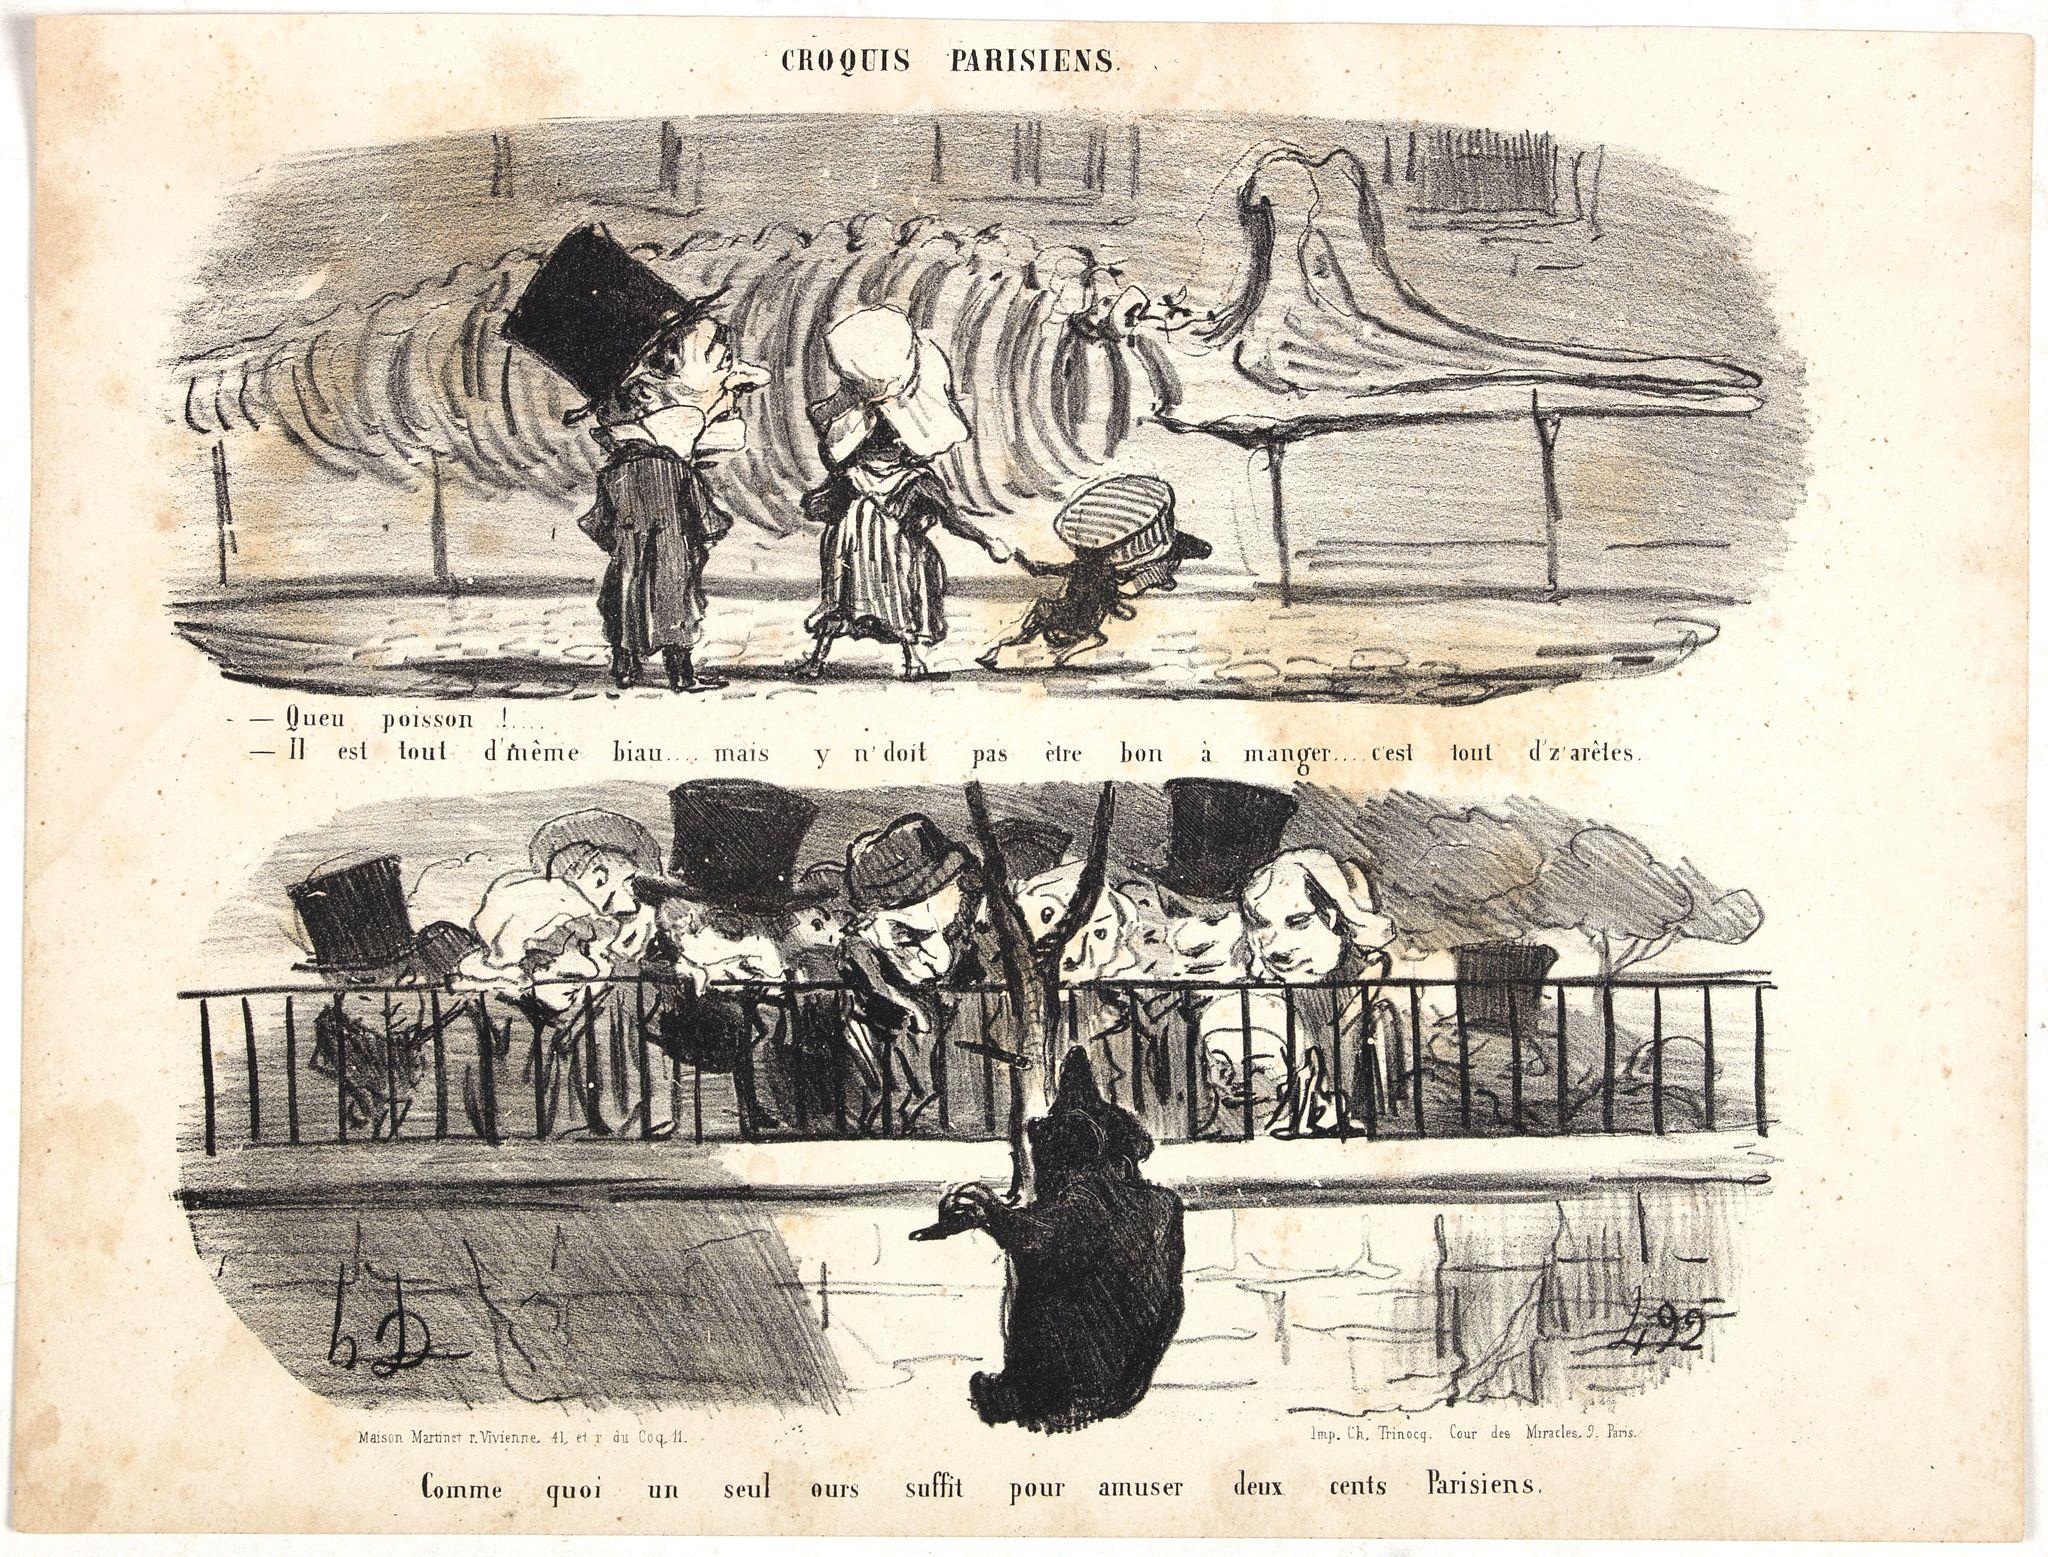 DAUMIER, H. -  Croquis Parisiens - ''Je suis bien malheureux, si vous voulez me prêter un peu d'attention.... - Je veux bien vous prêter ça, mais il me serait impossible de vous prêter autre chose.''